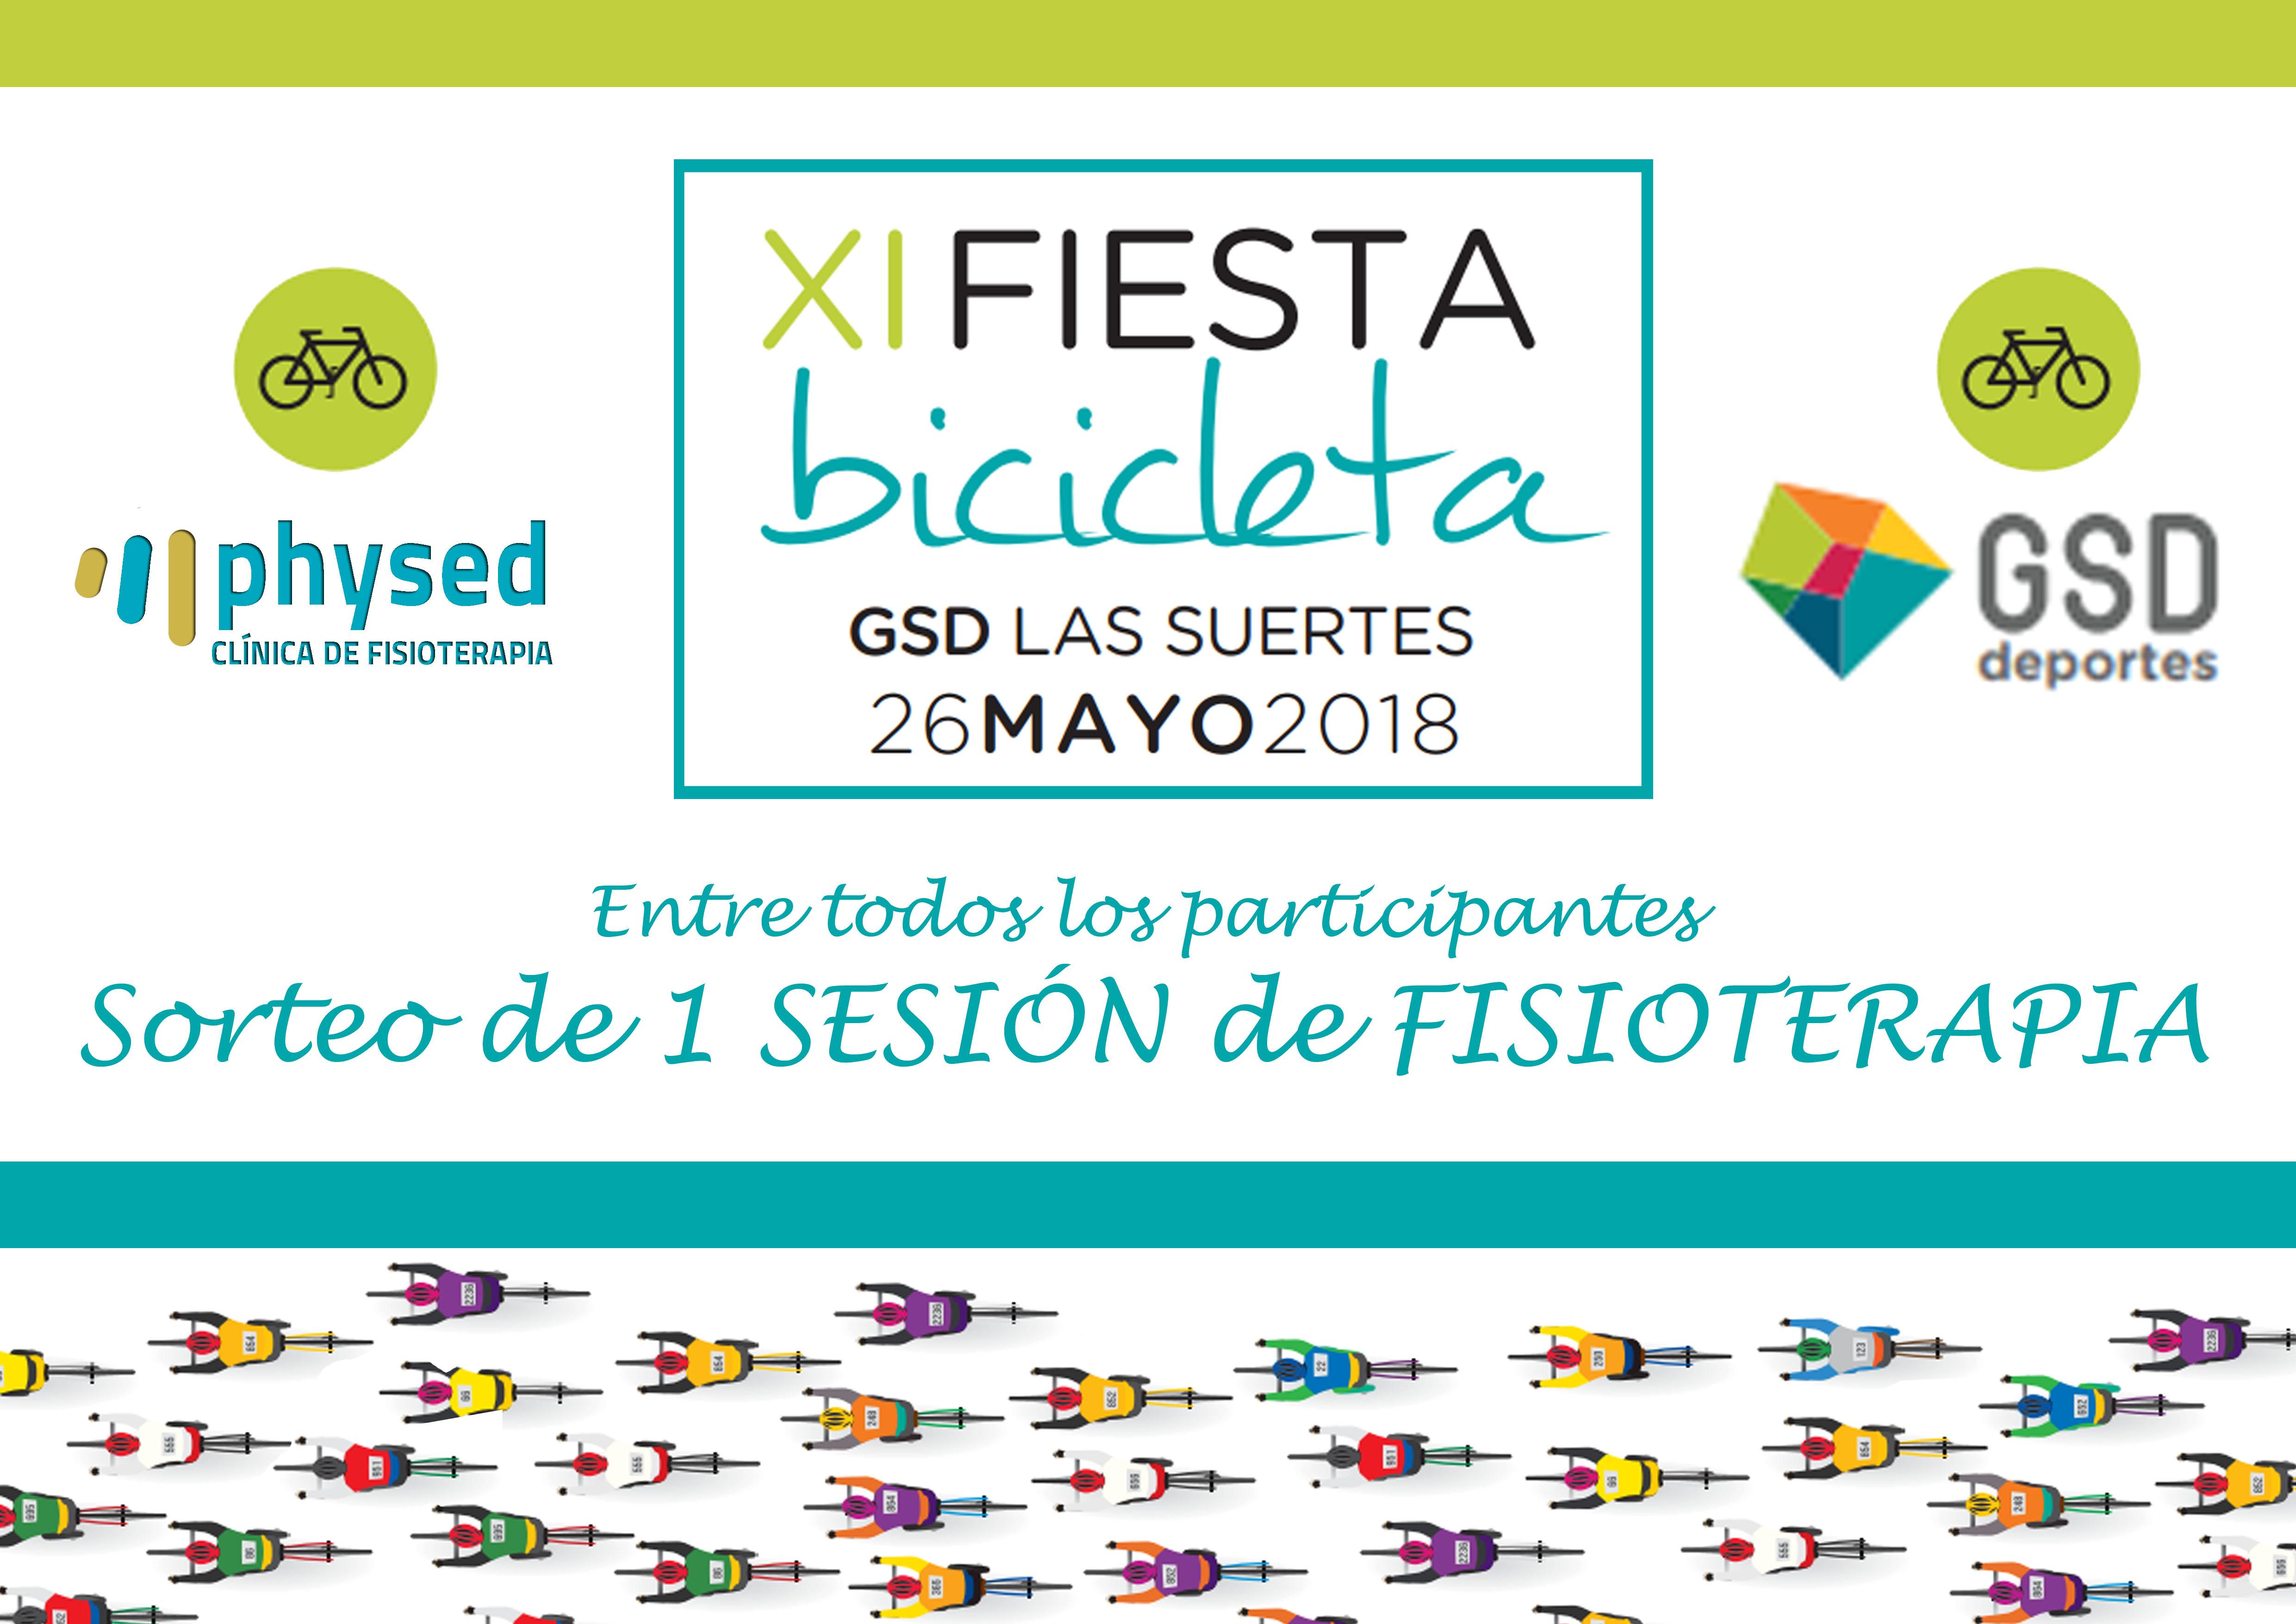 Physed en la «Fiesta de la Bicicleta GSD»